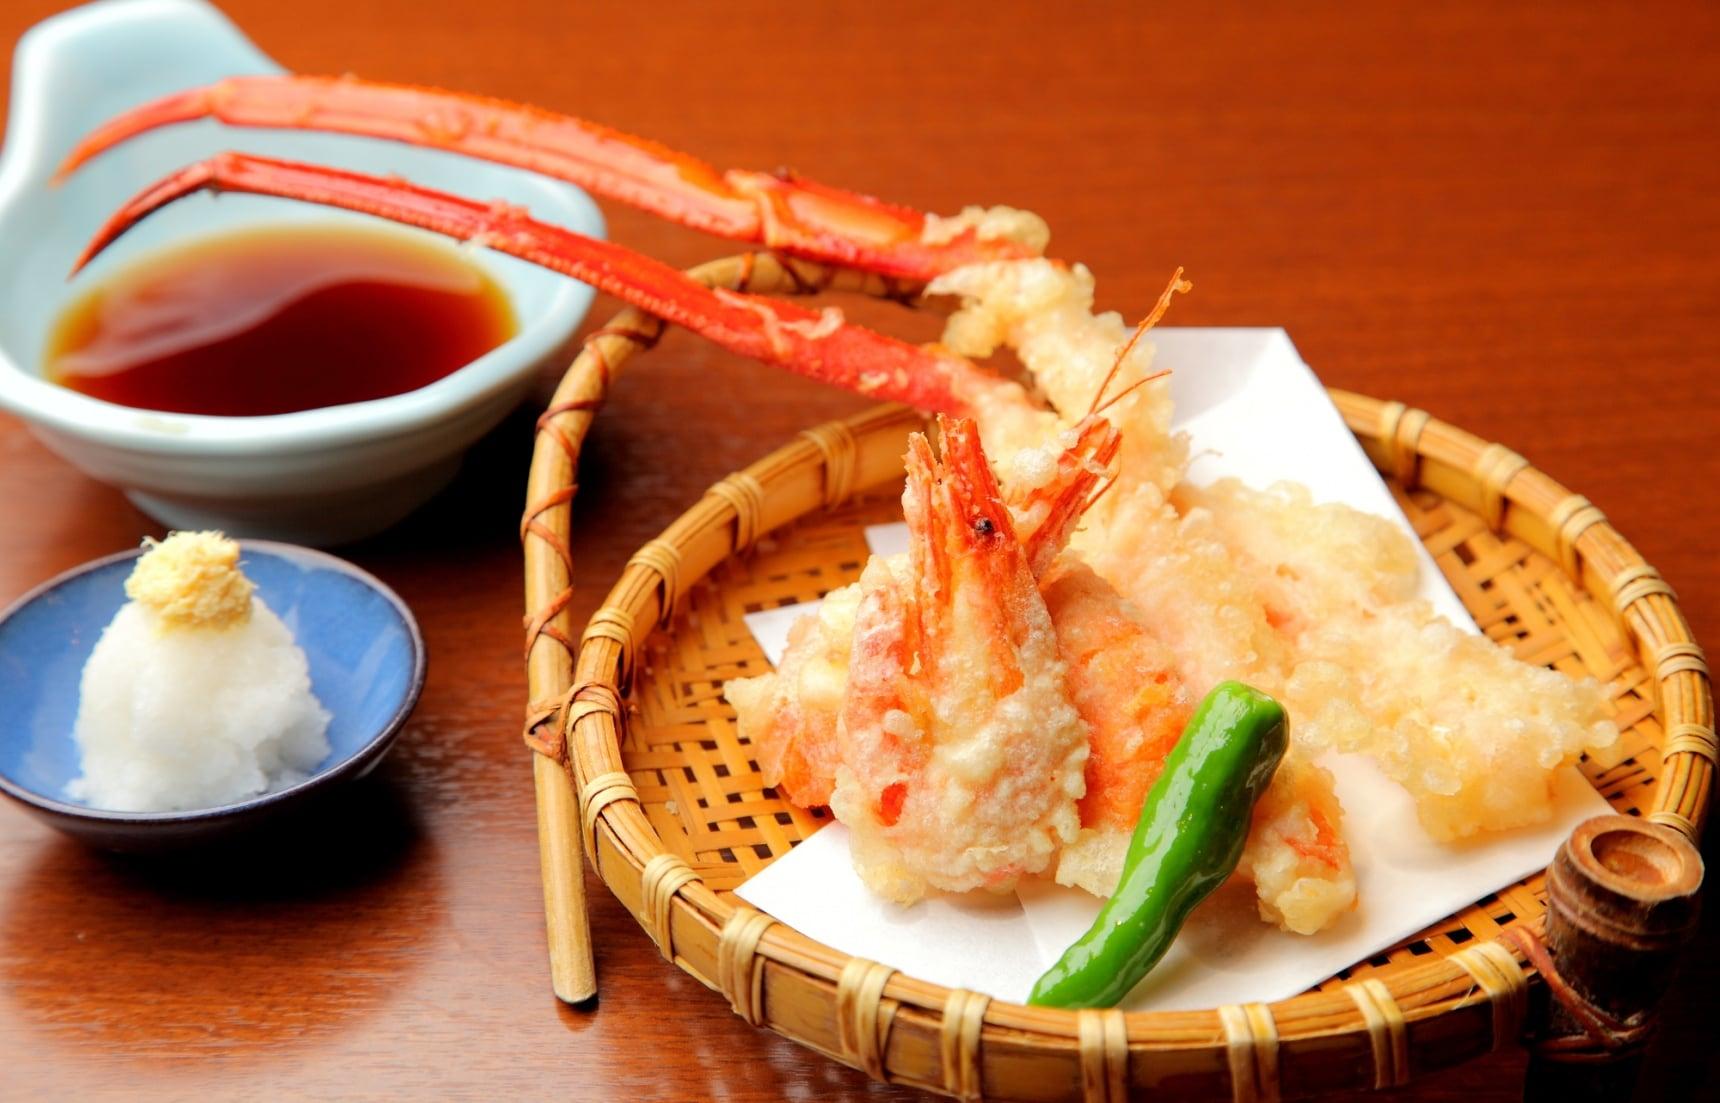 【日本美食】昔日庶民小吃攤料理的華麗轉身!在家也能動手做出媲美高級料亭的天婦羅